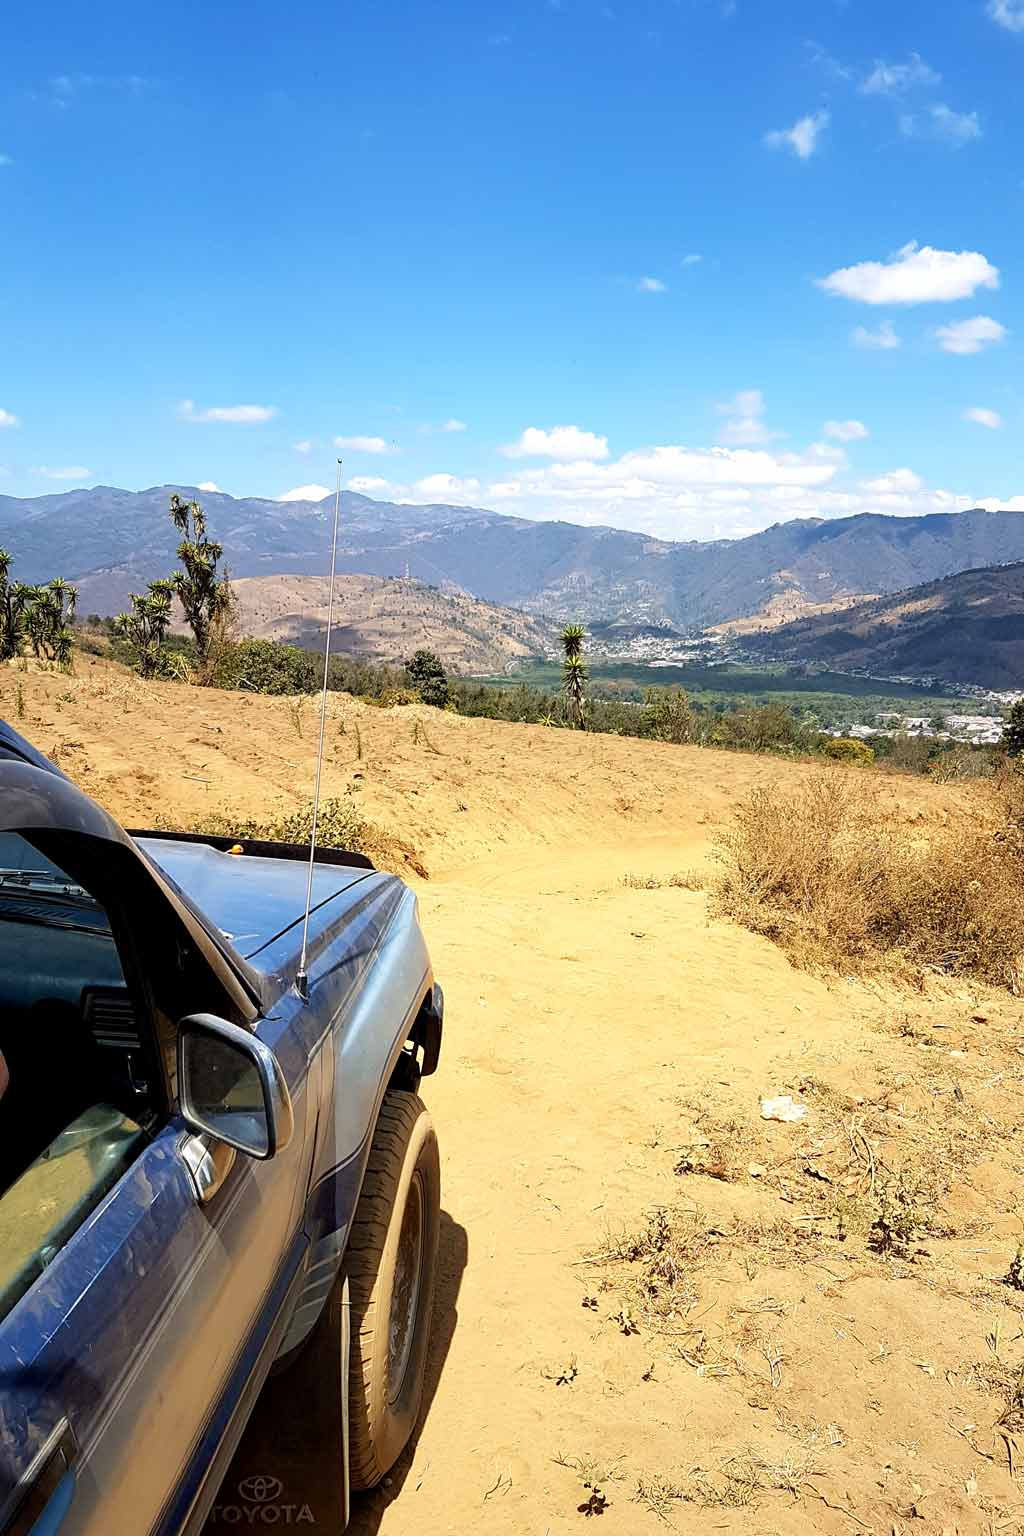 Antigua Kaffee Tour | Röste deinen guatemaltekischen Kaffee - Pick Up